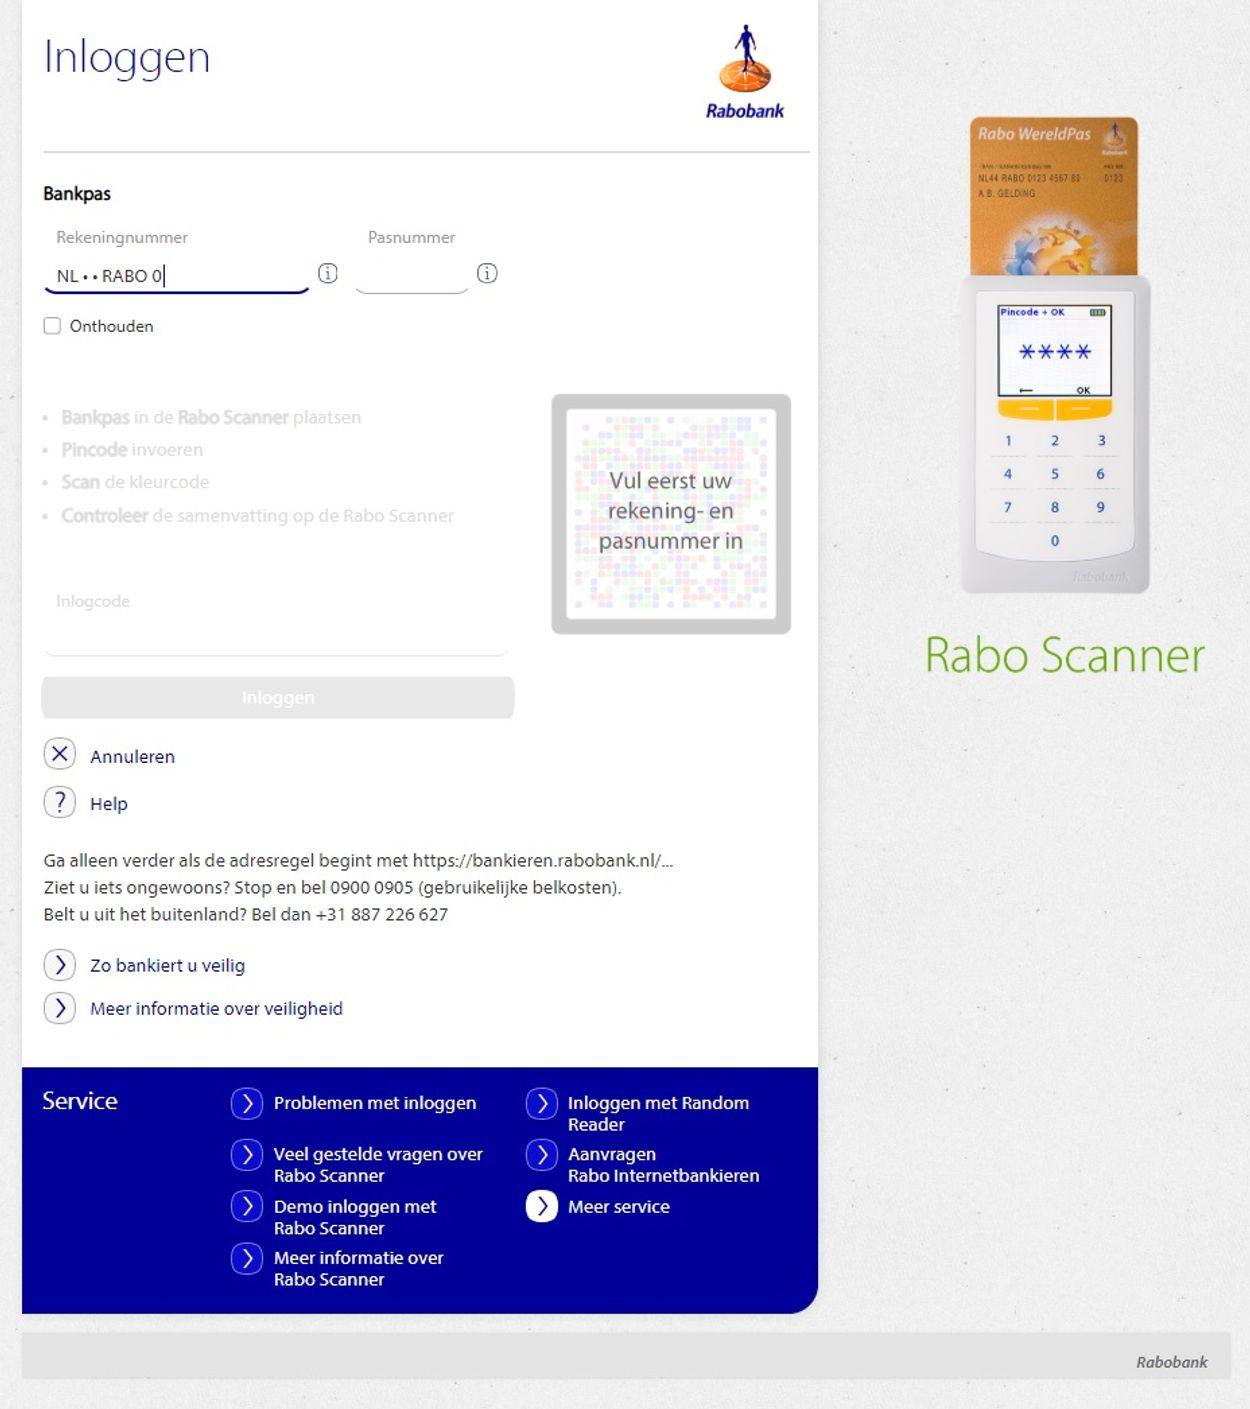 Rabobank phishing 2